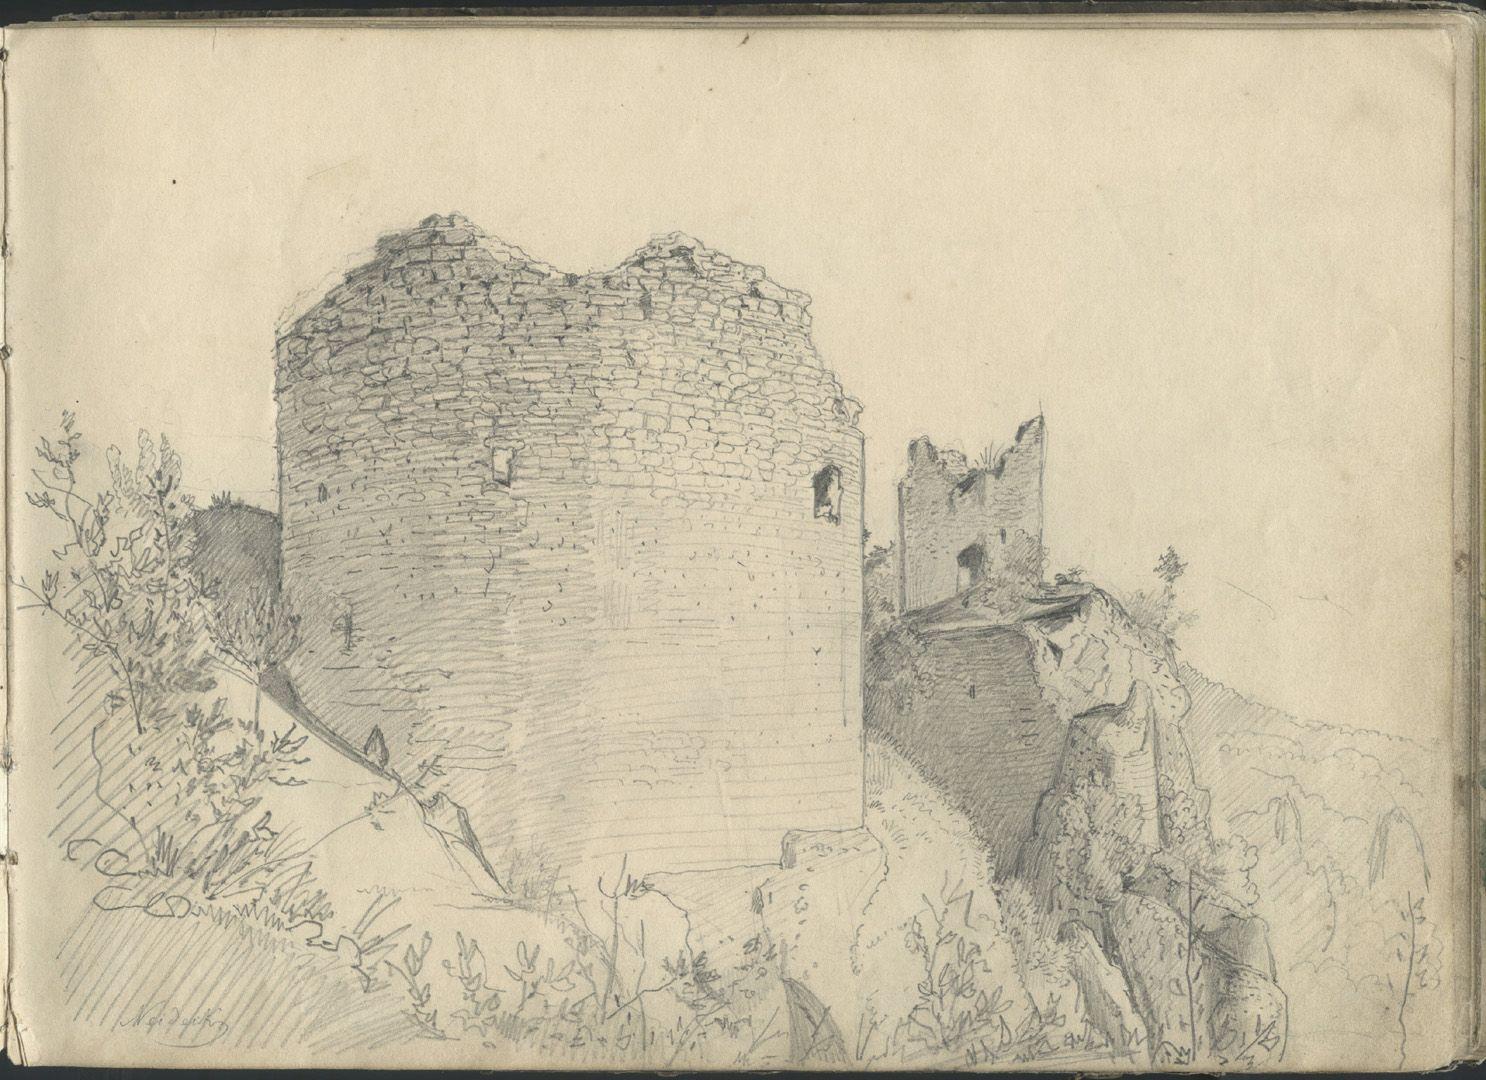 Sketchbook with views of Streitberg and Neideck / incl. Hallerweiherhaus in Nuremberg Neideck, castle ruin